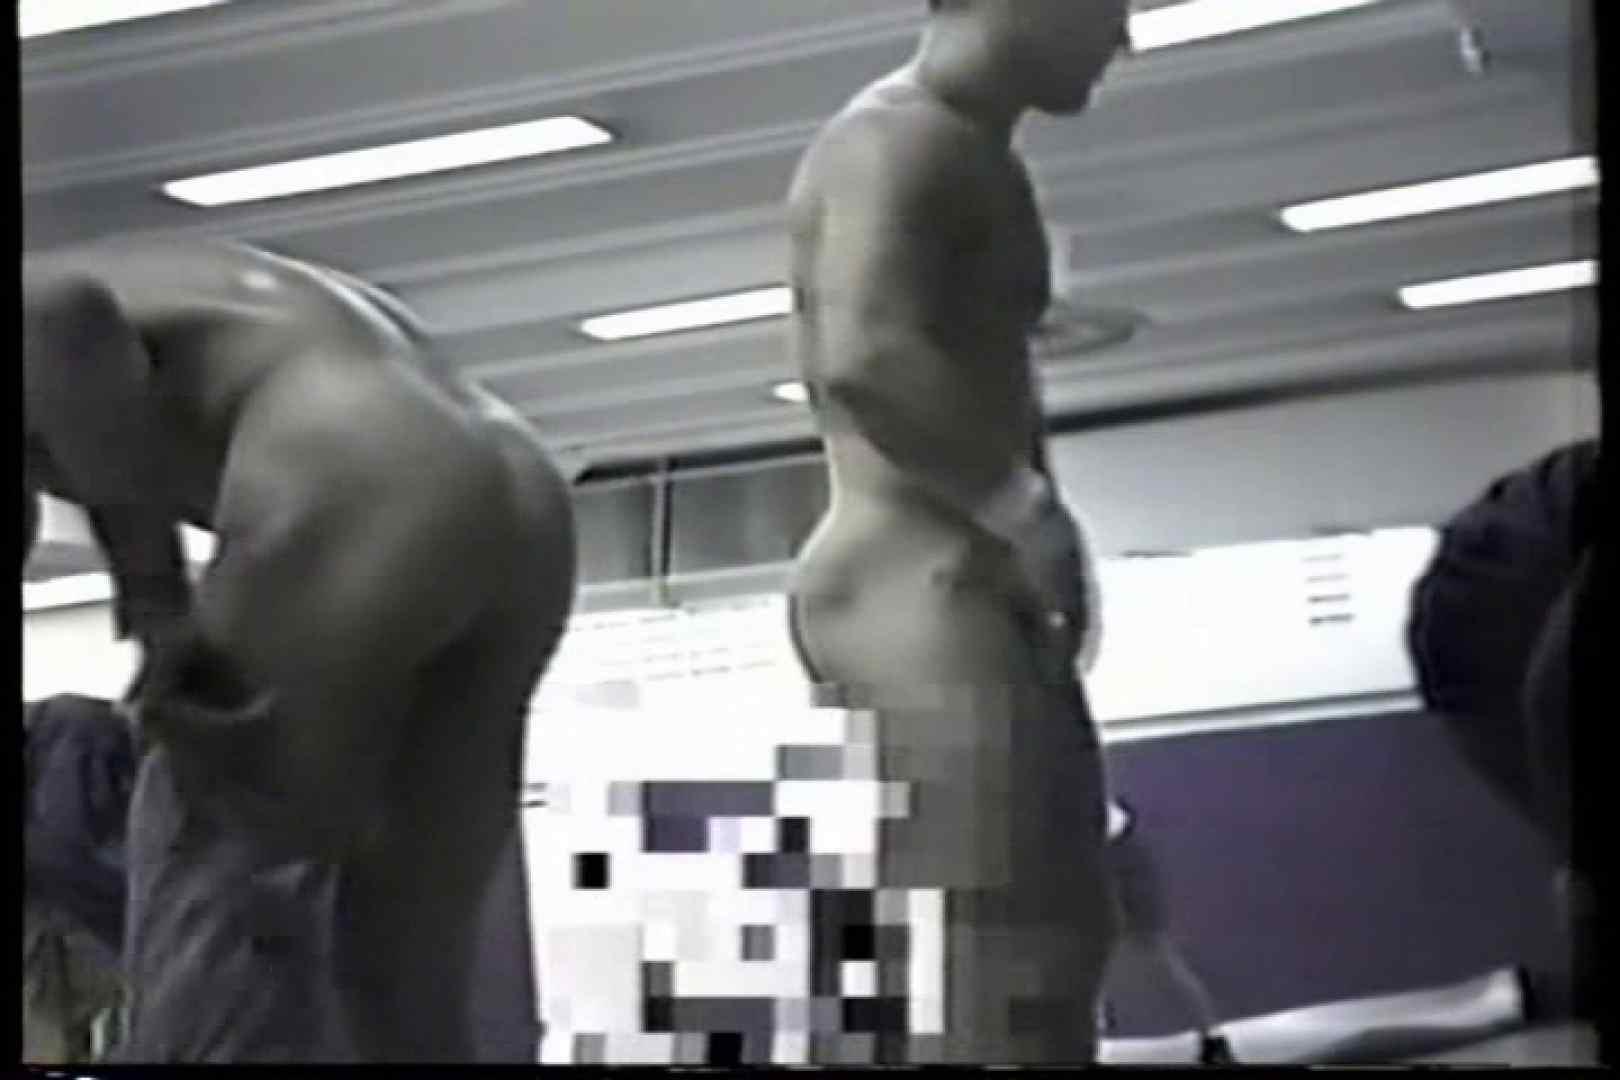 洋人さんの脱衣所を覗いてみました。VOL.1 洋物男子 ゲイえろ動画紹介 74枚 71